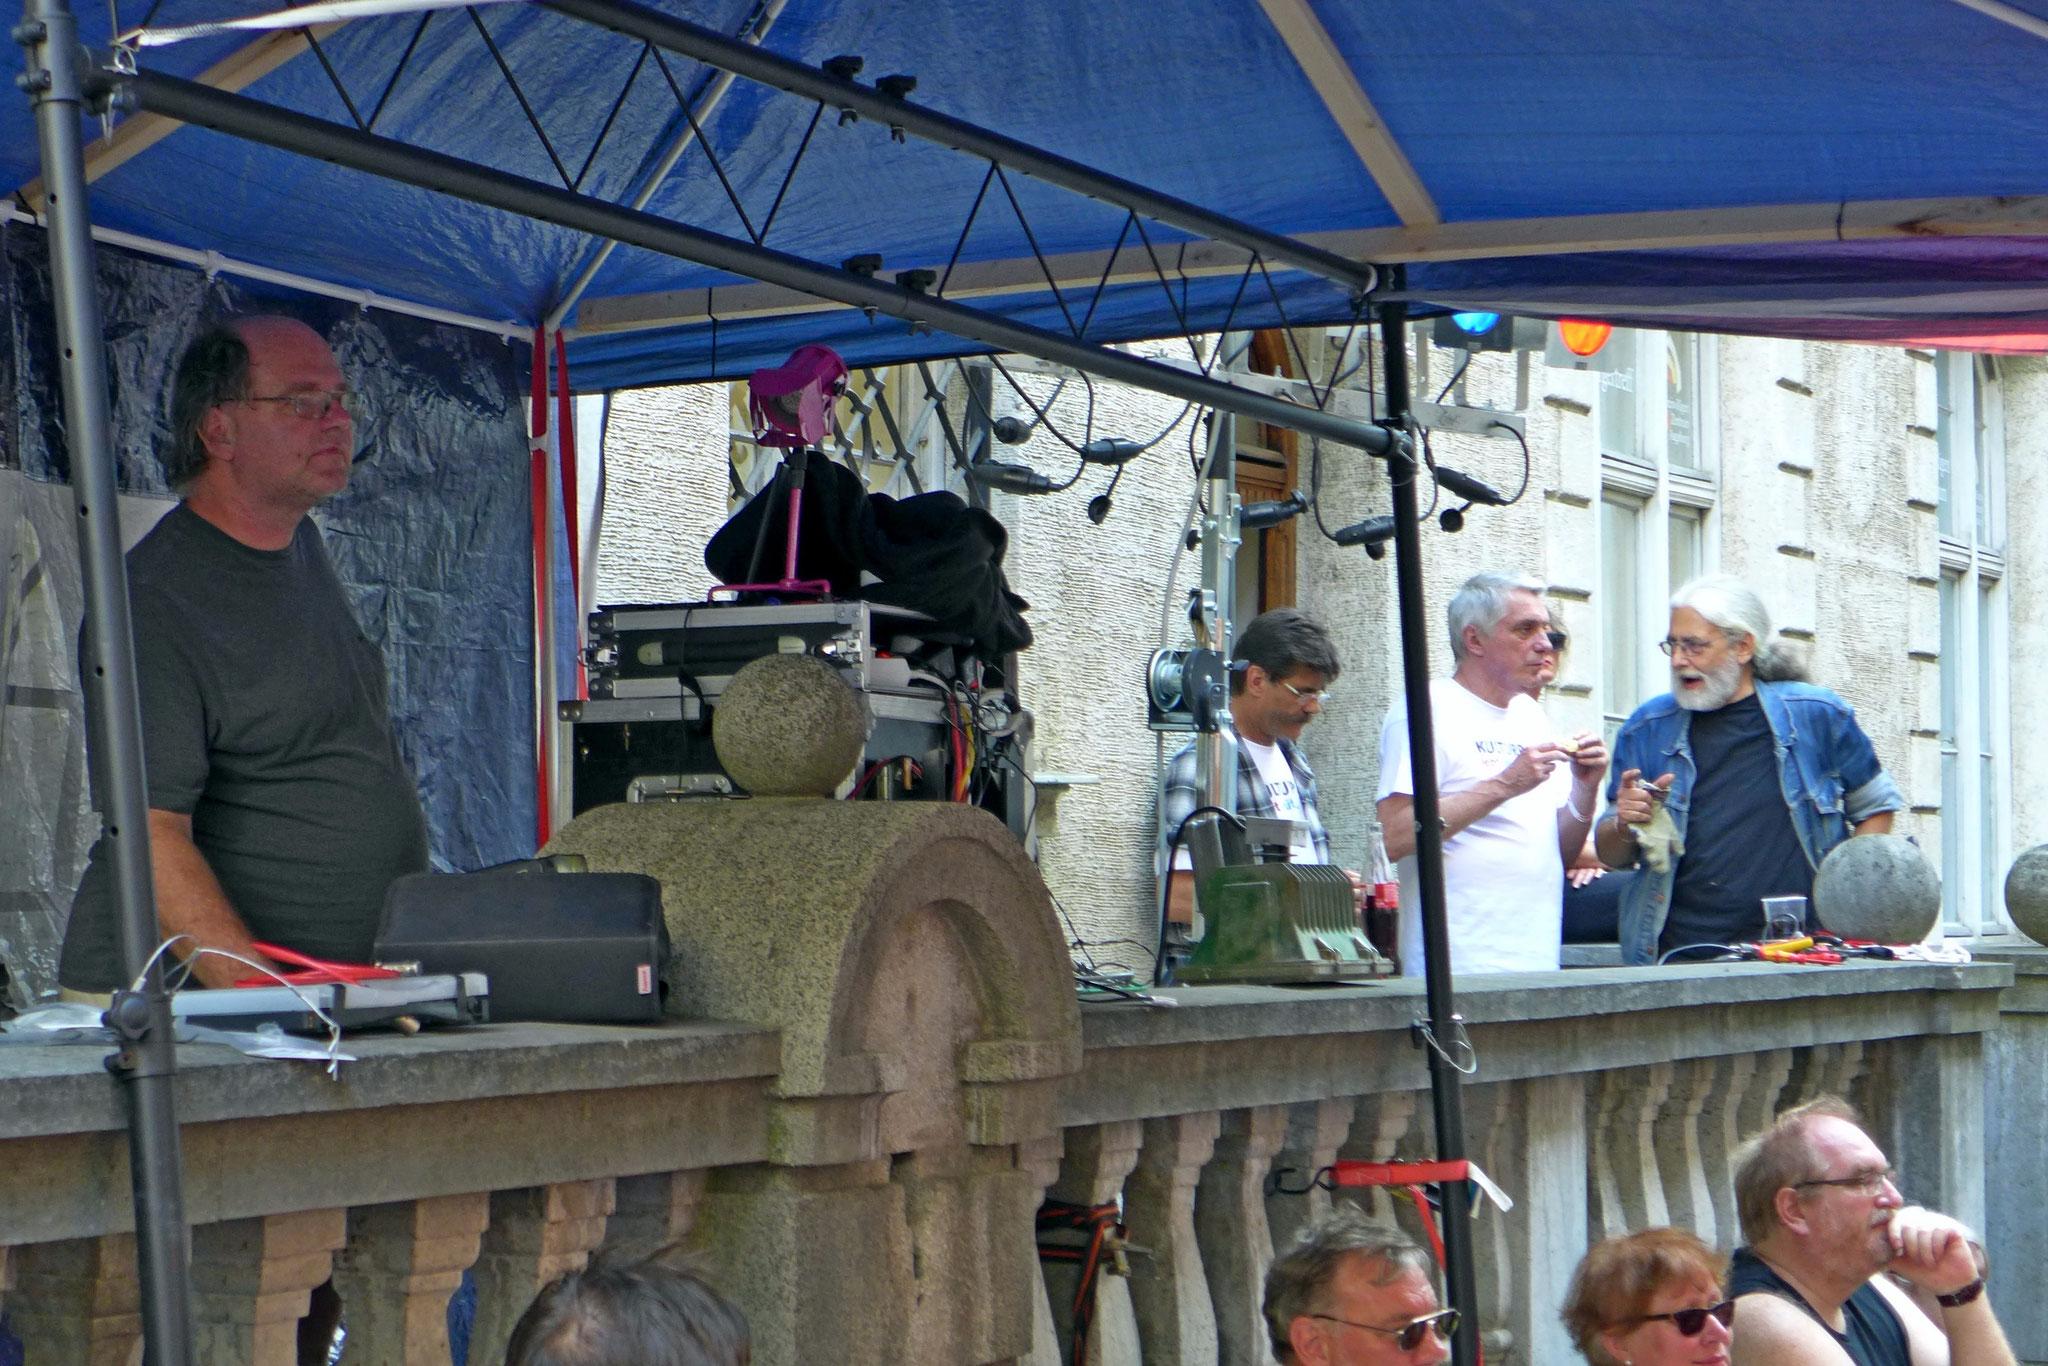 Konzerte im Bürgerhof 03.07.15 - Freiwilligen-Zentrum Augsburg - Foto: Christoph Urban